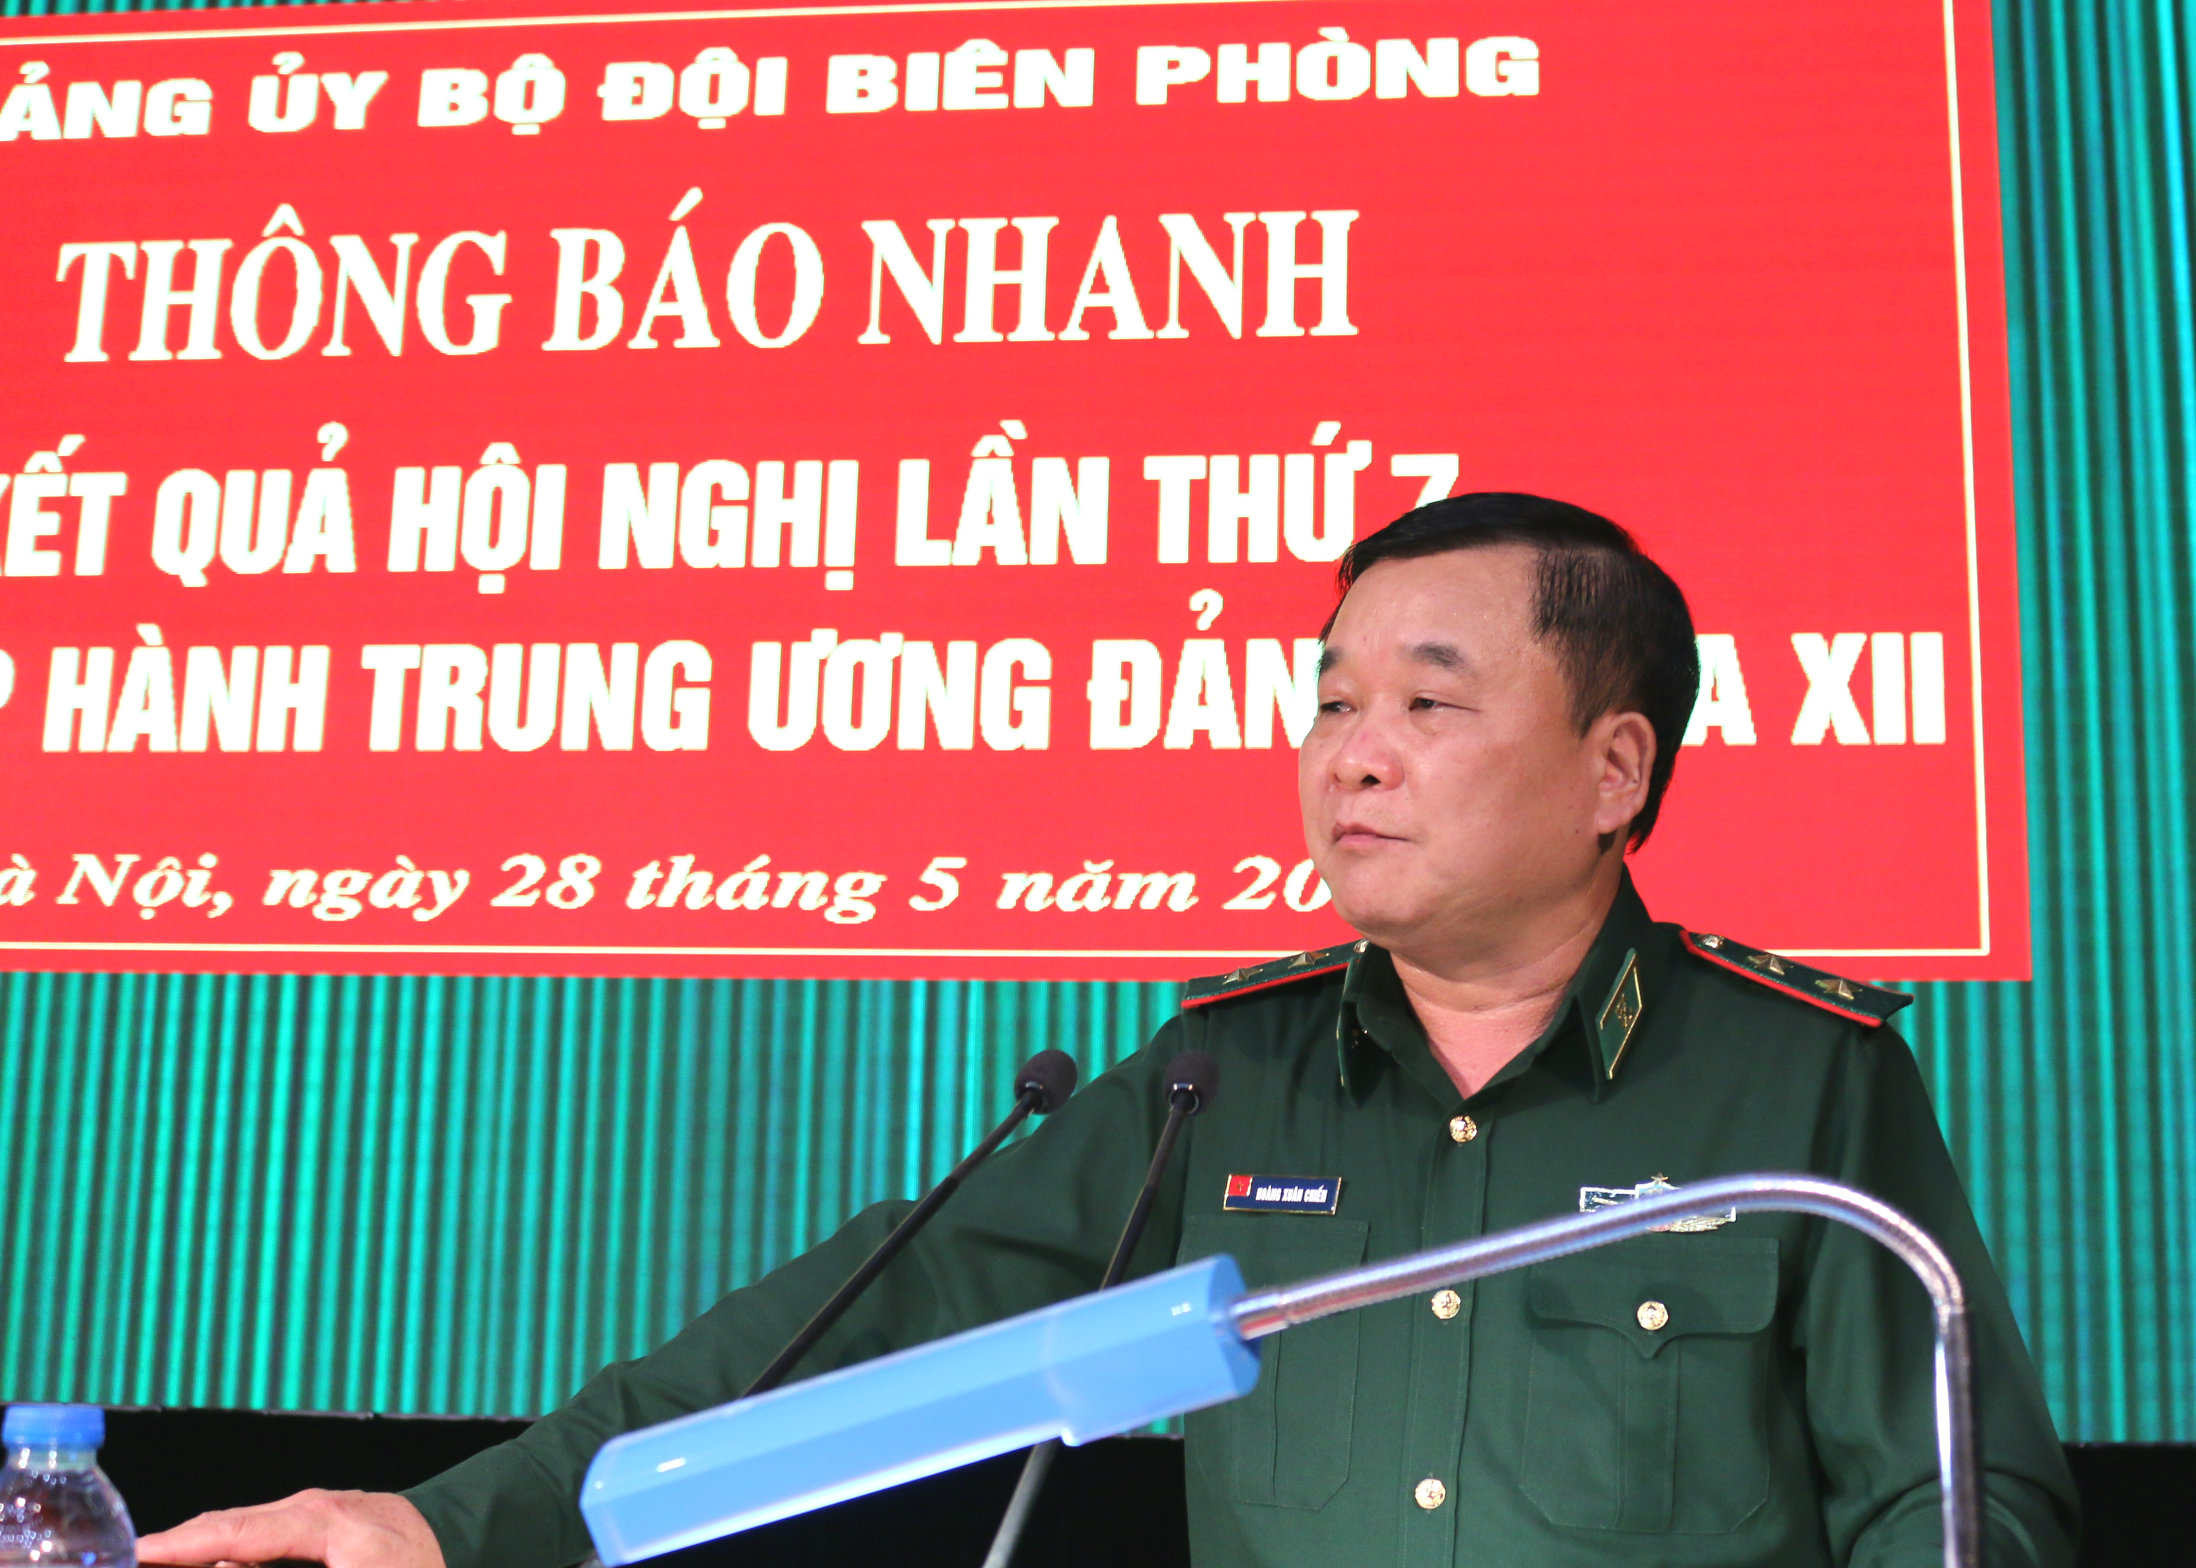 Thông báo nhanh kết quả Hội nghị lần thứ 7 Ban Chấp hành Trung ương Đảng khoá XII